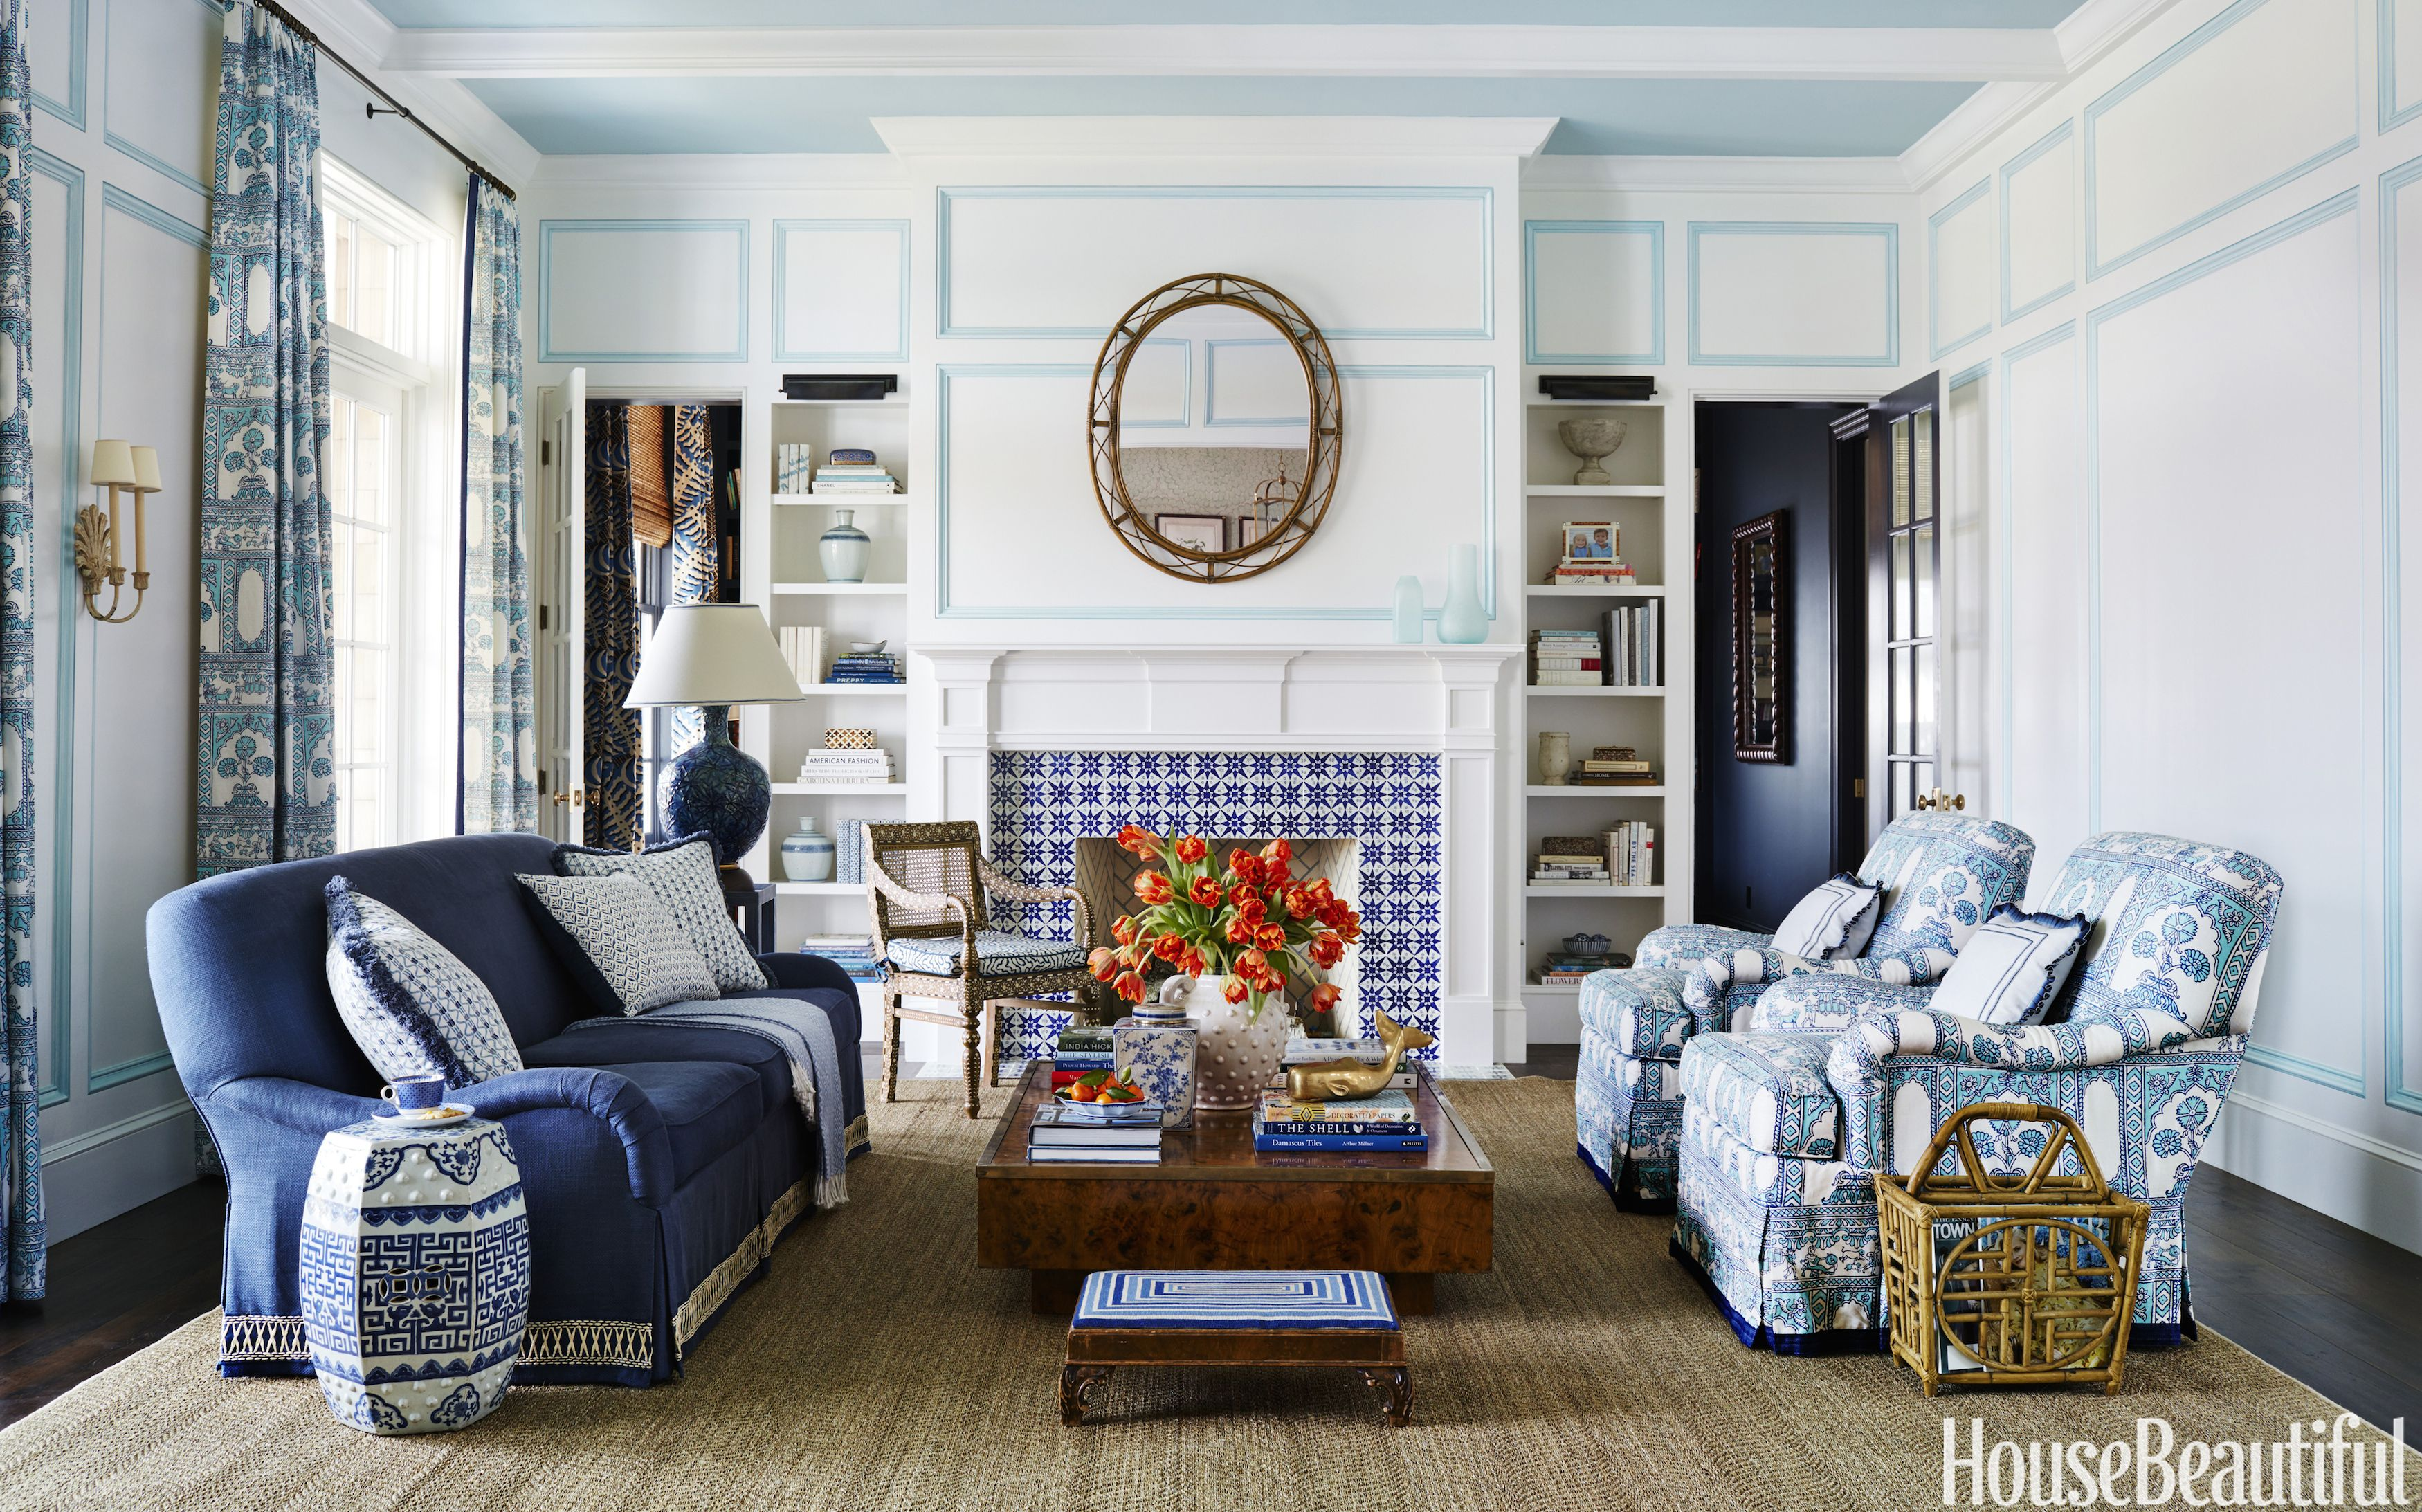 Fullsize Of Interior Design Living Room Picture